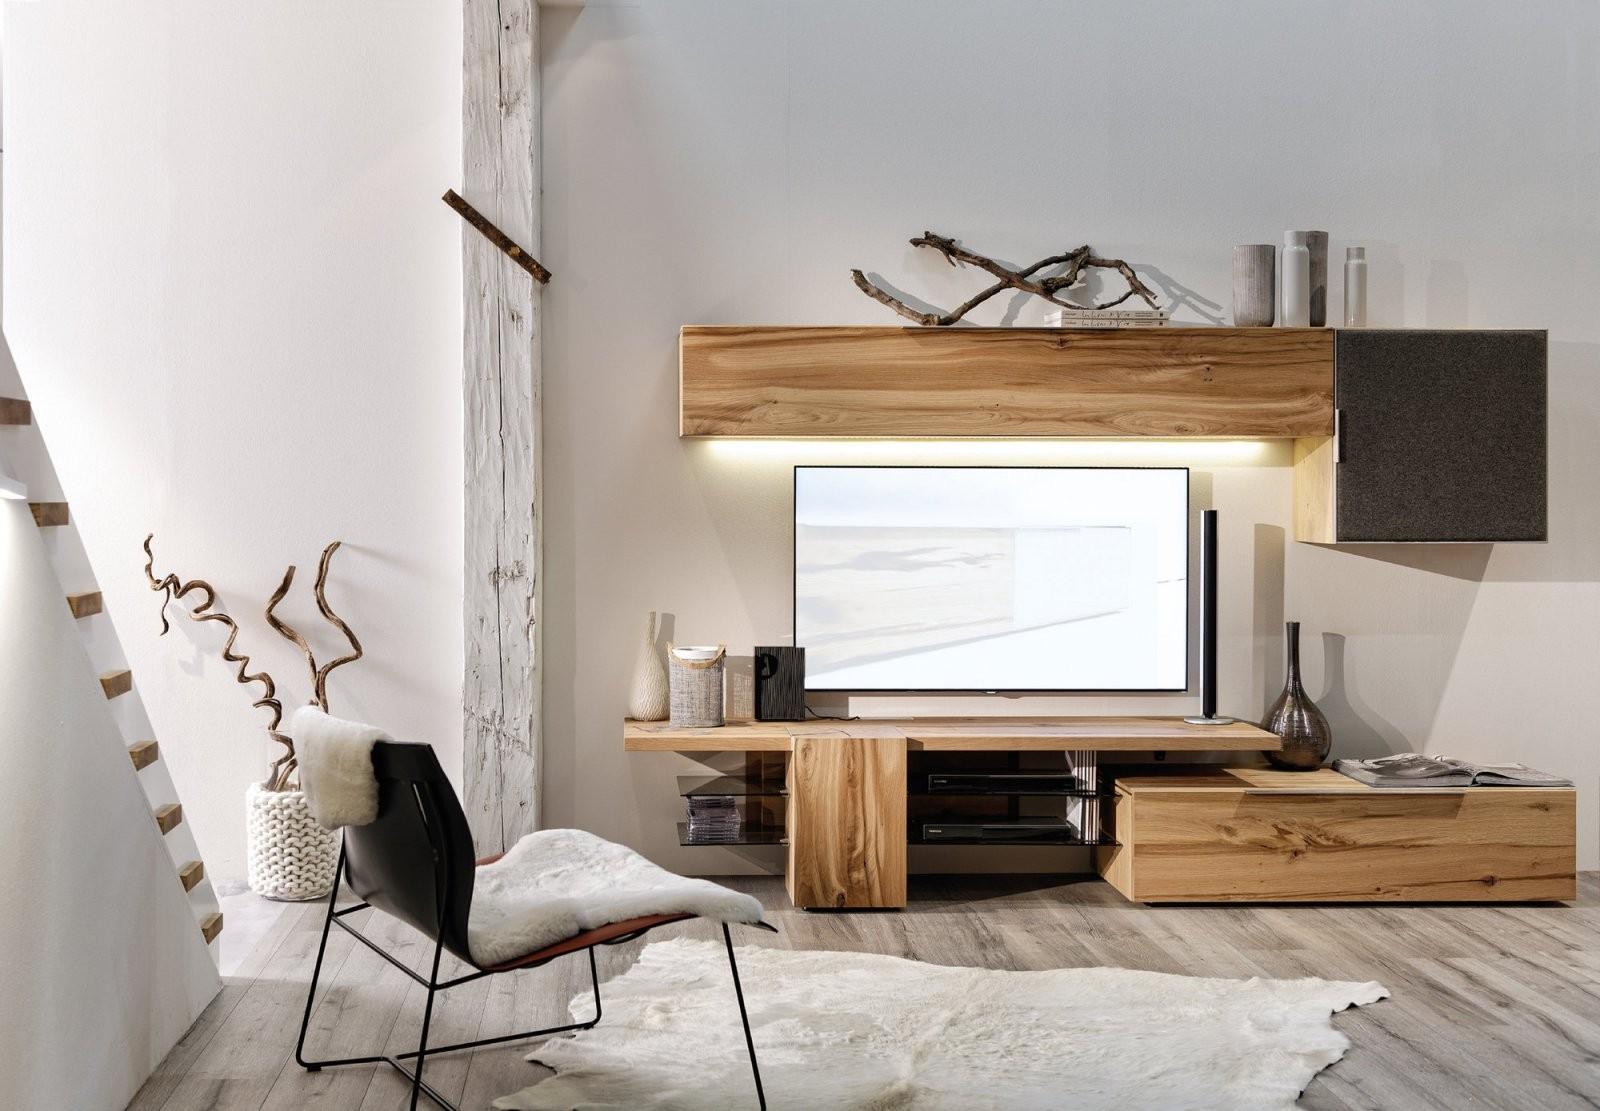 Valpin – Wohnzimmernaturholzmöbel In Eiche Altholz von Voglauer V Alpin Essgruppe Bild